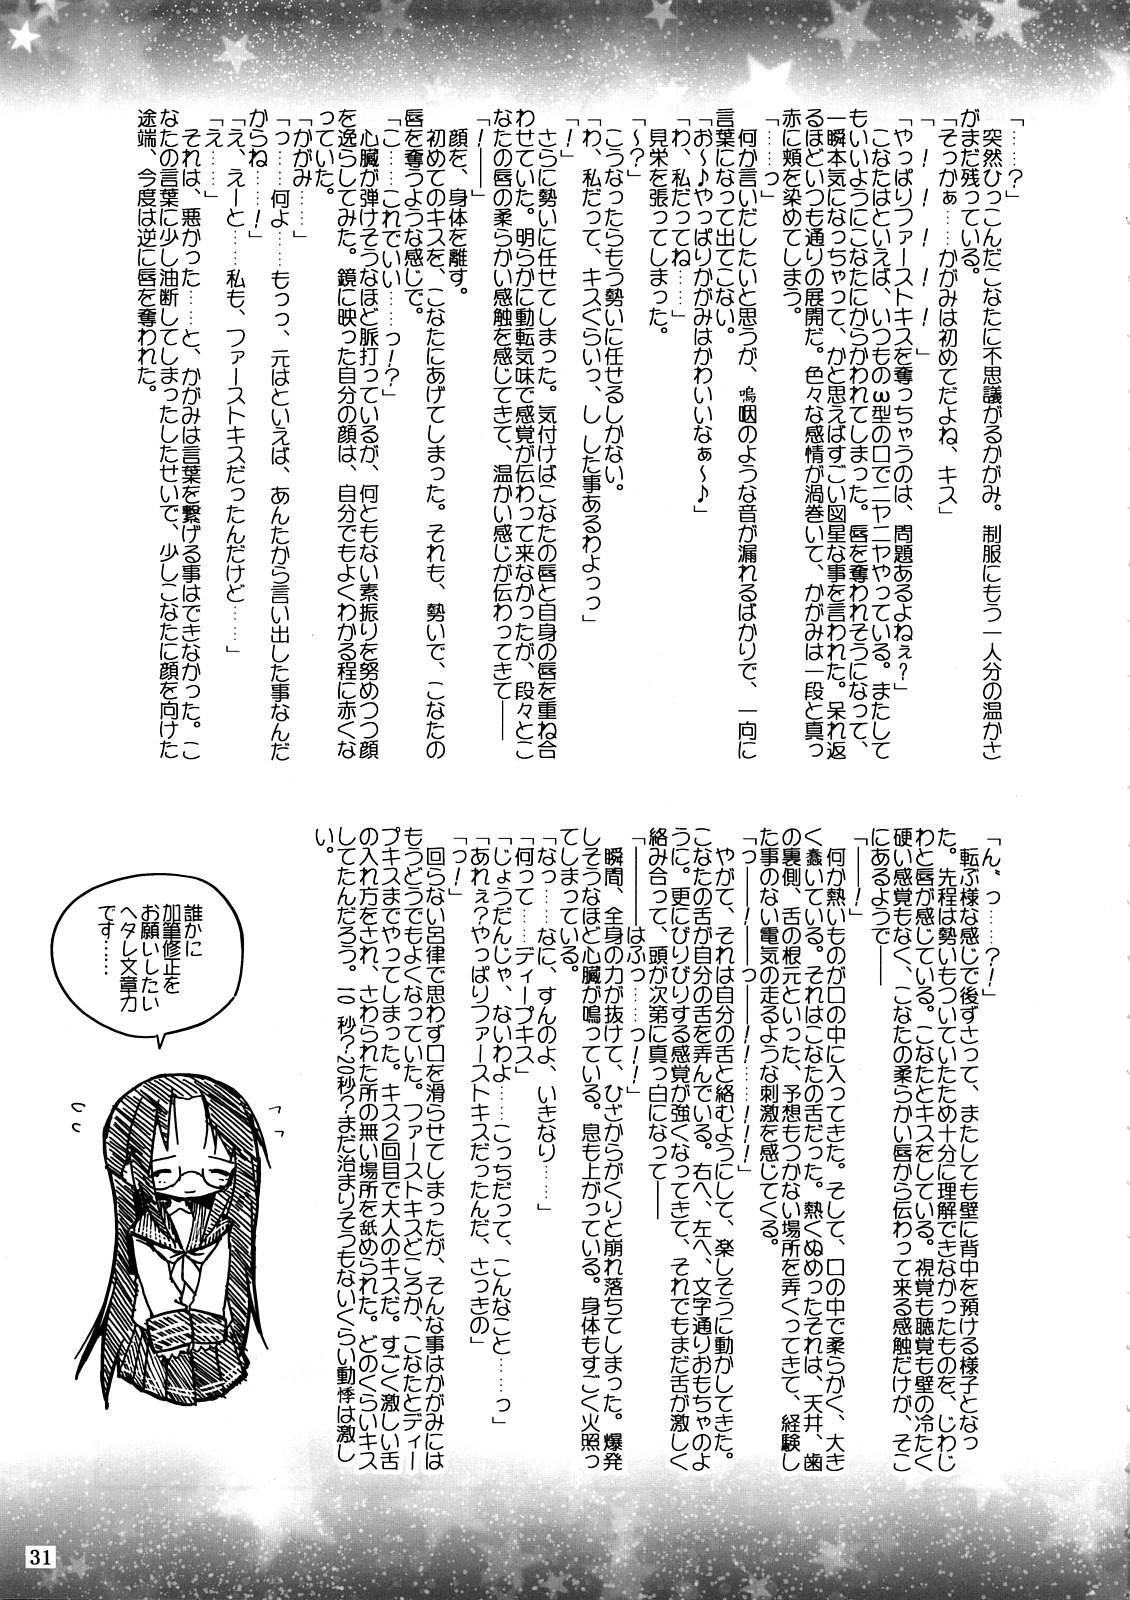 Hiiragi Shimai Aibu Manual 30